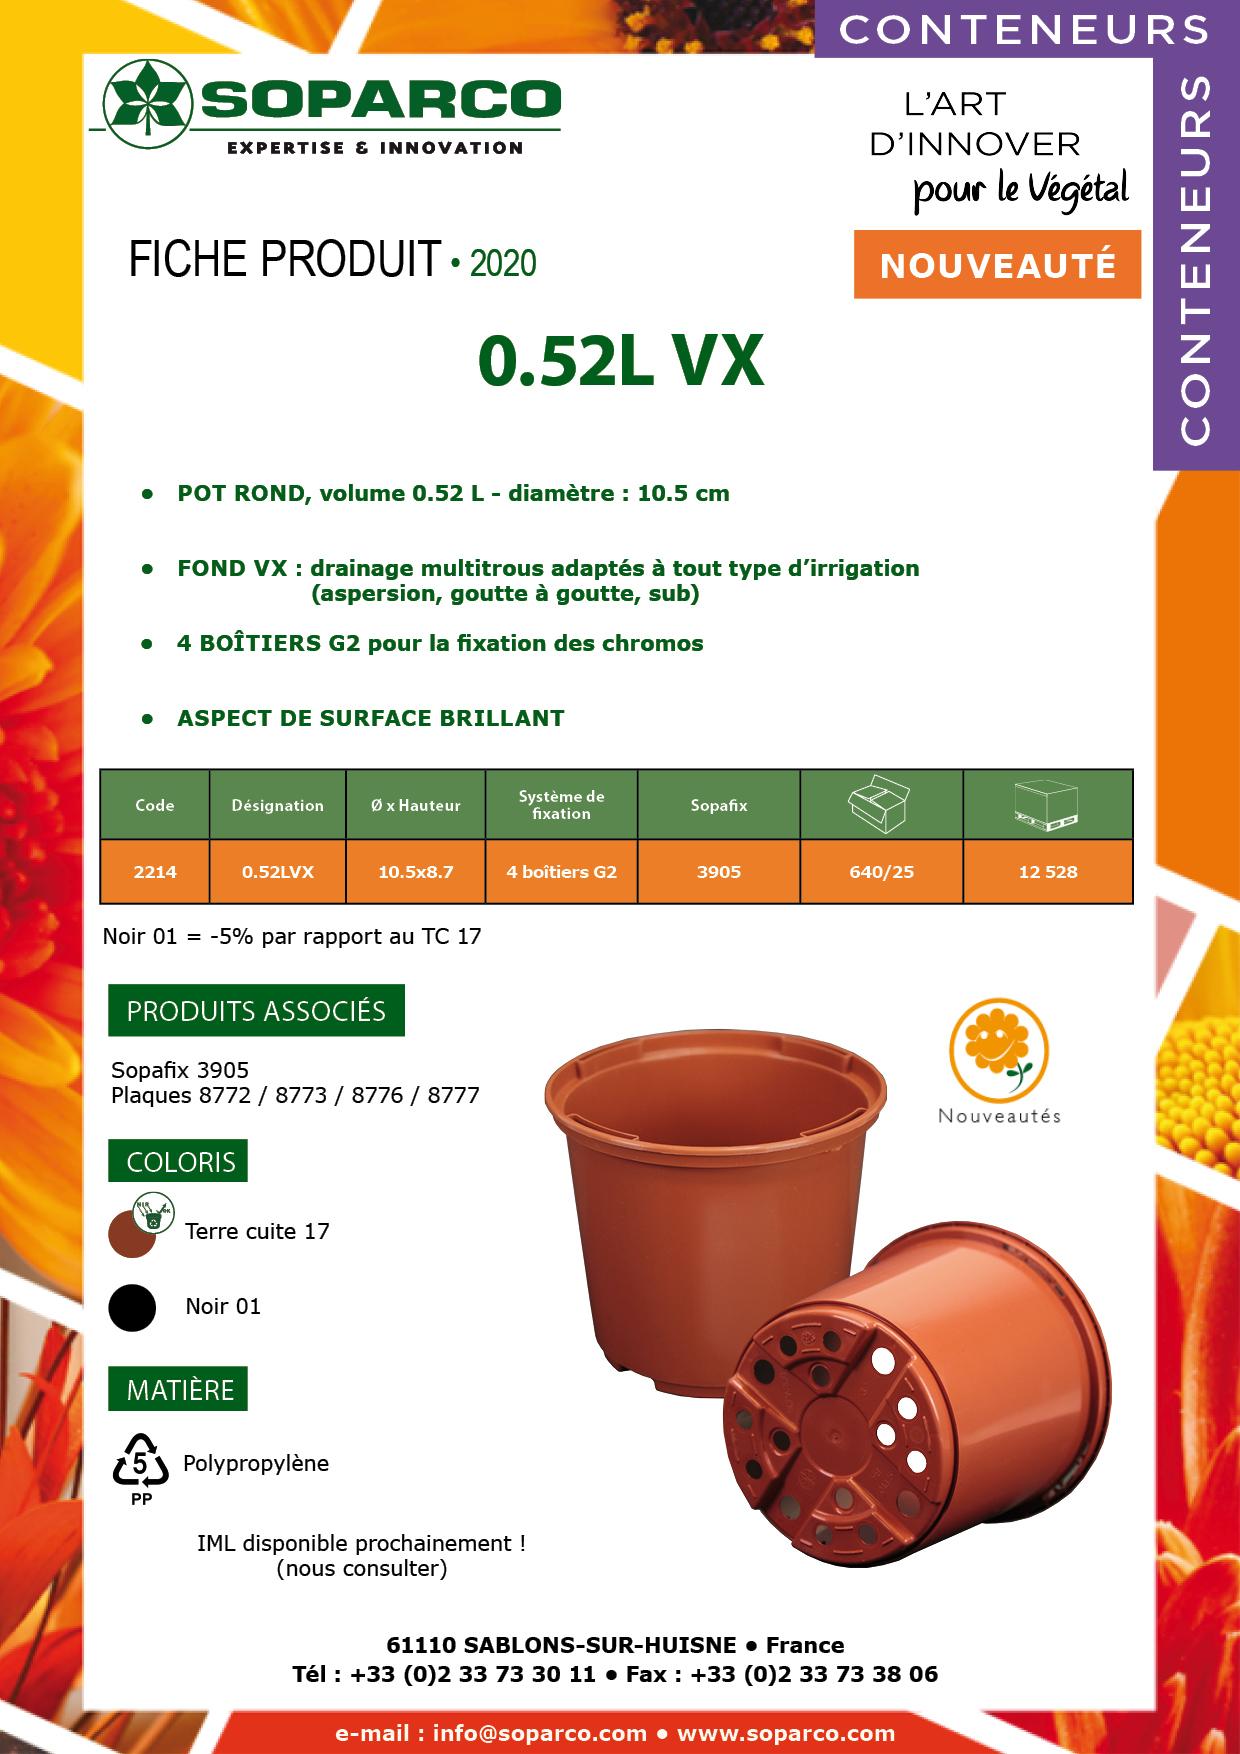 Fiche produit du pot v rond 0.52L VX